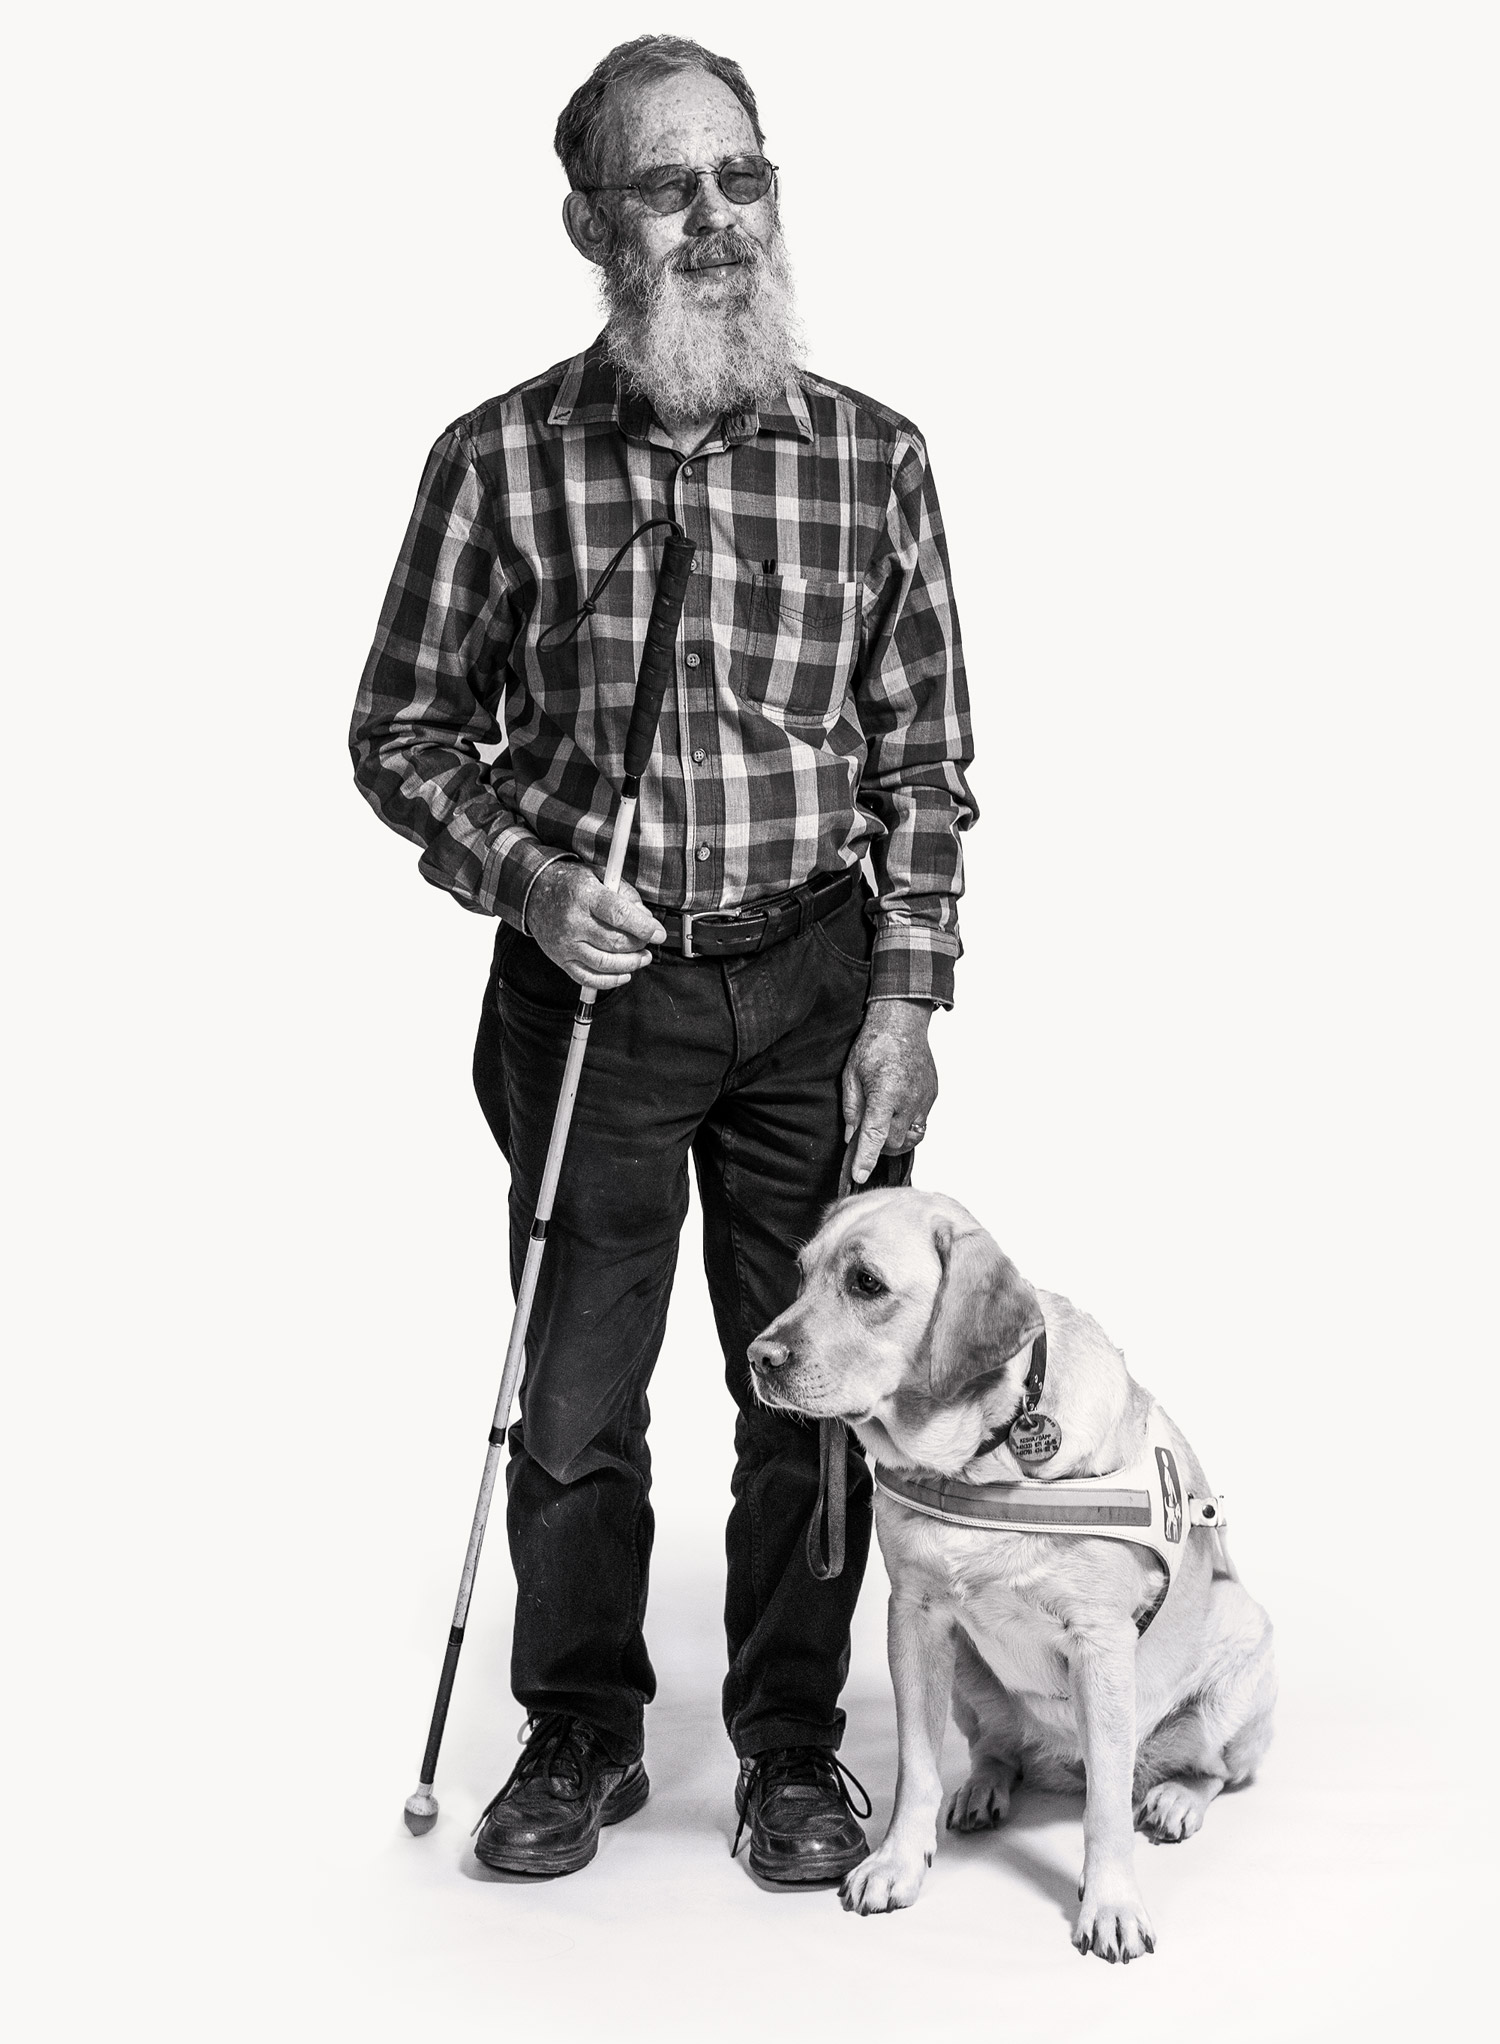 Stehender, blinder Mann mit seinem Blindenhund